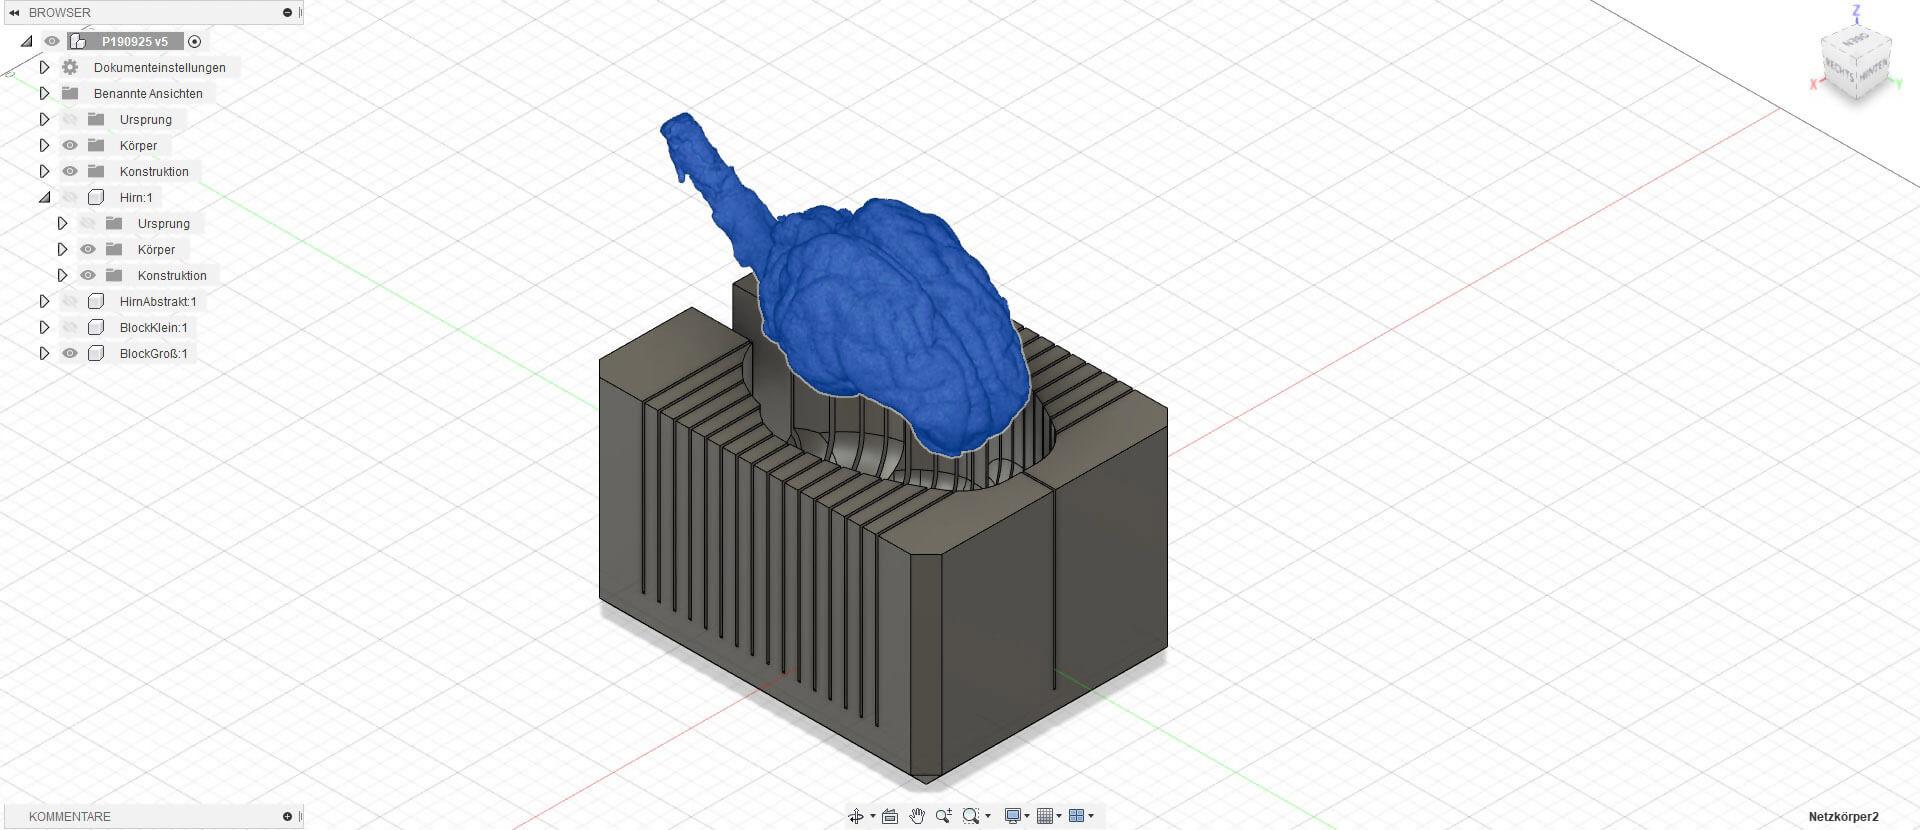 Gehirnschneideschablone in CAD Software